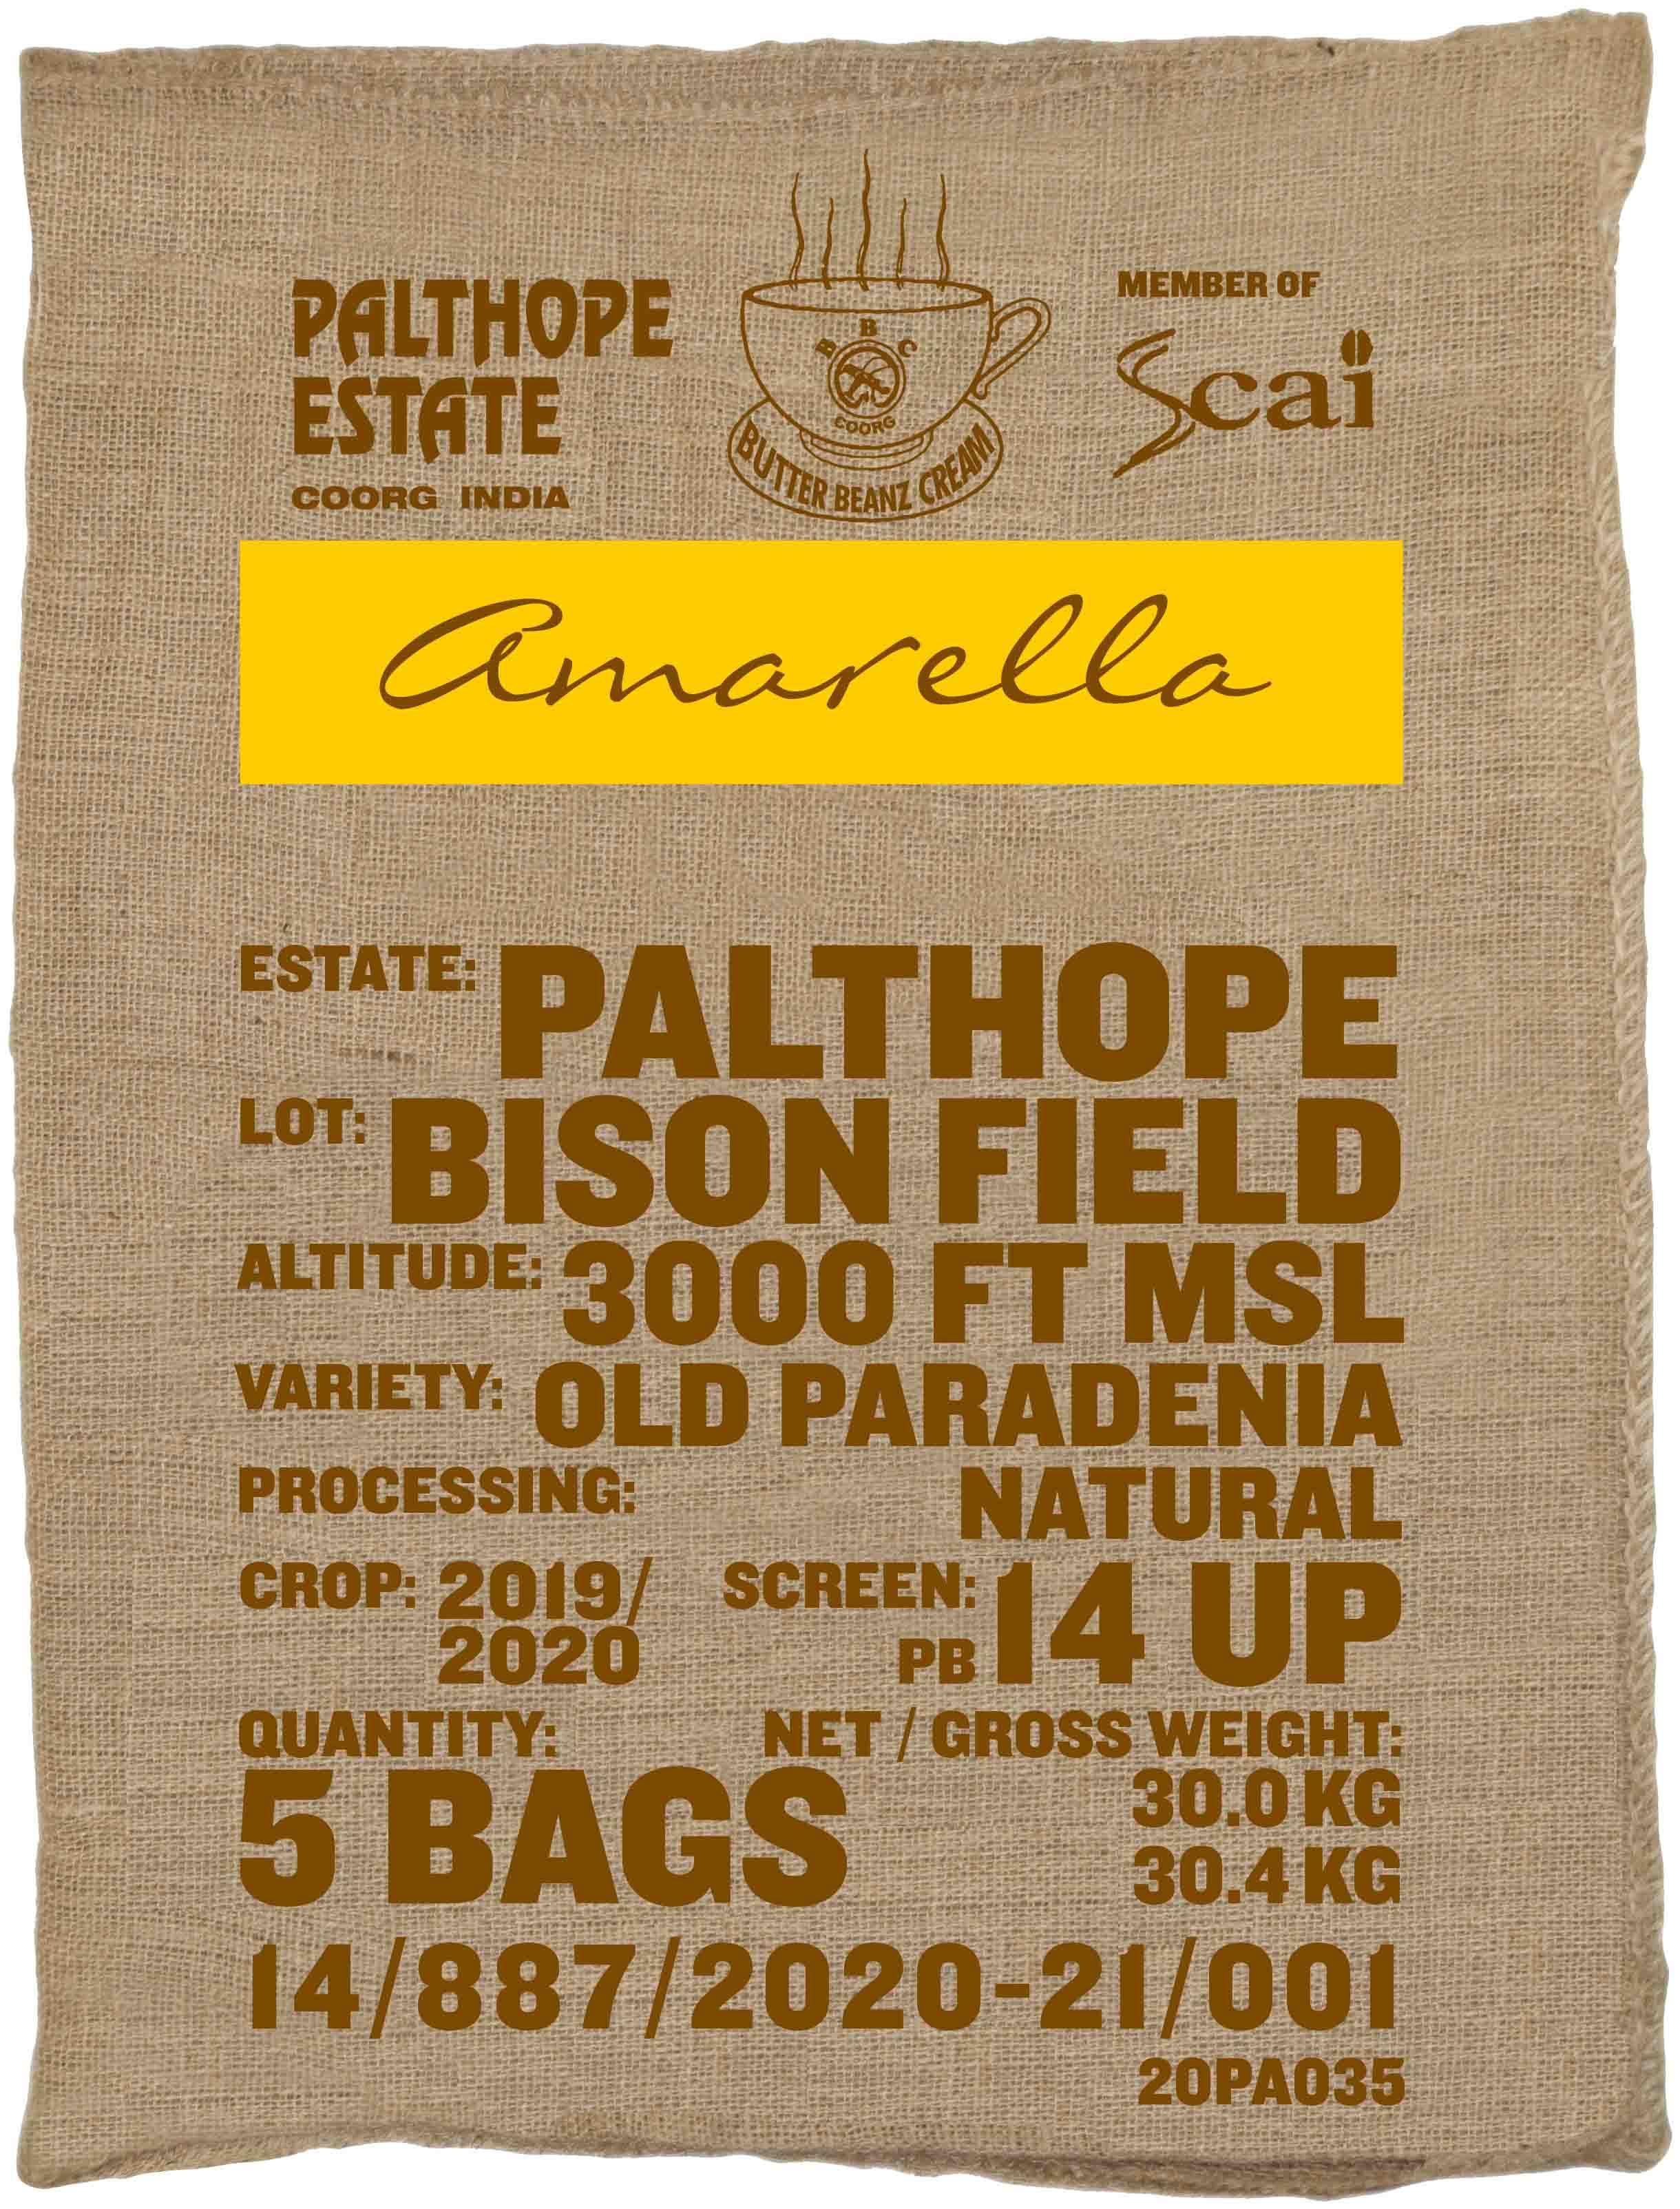 Ein Sack amarella Parzellenkaffee Varietät Old Paradenia Perlbohne. Palthope Estate Lot Bison Field